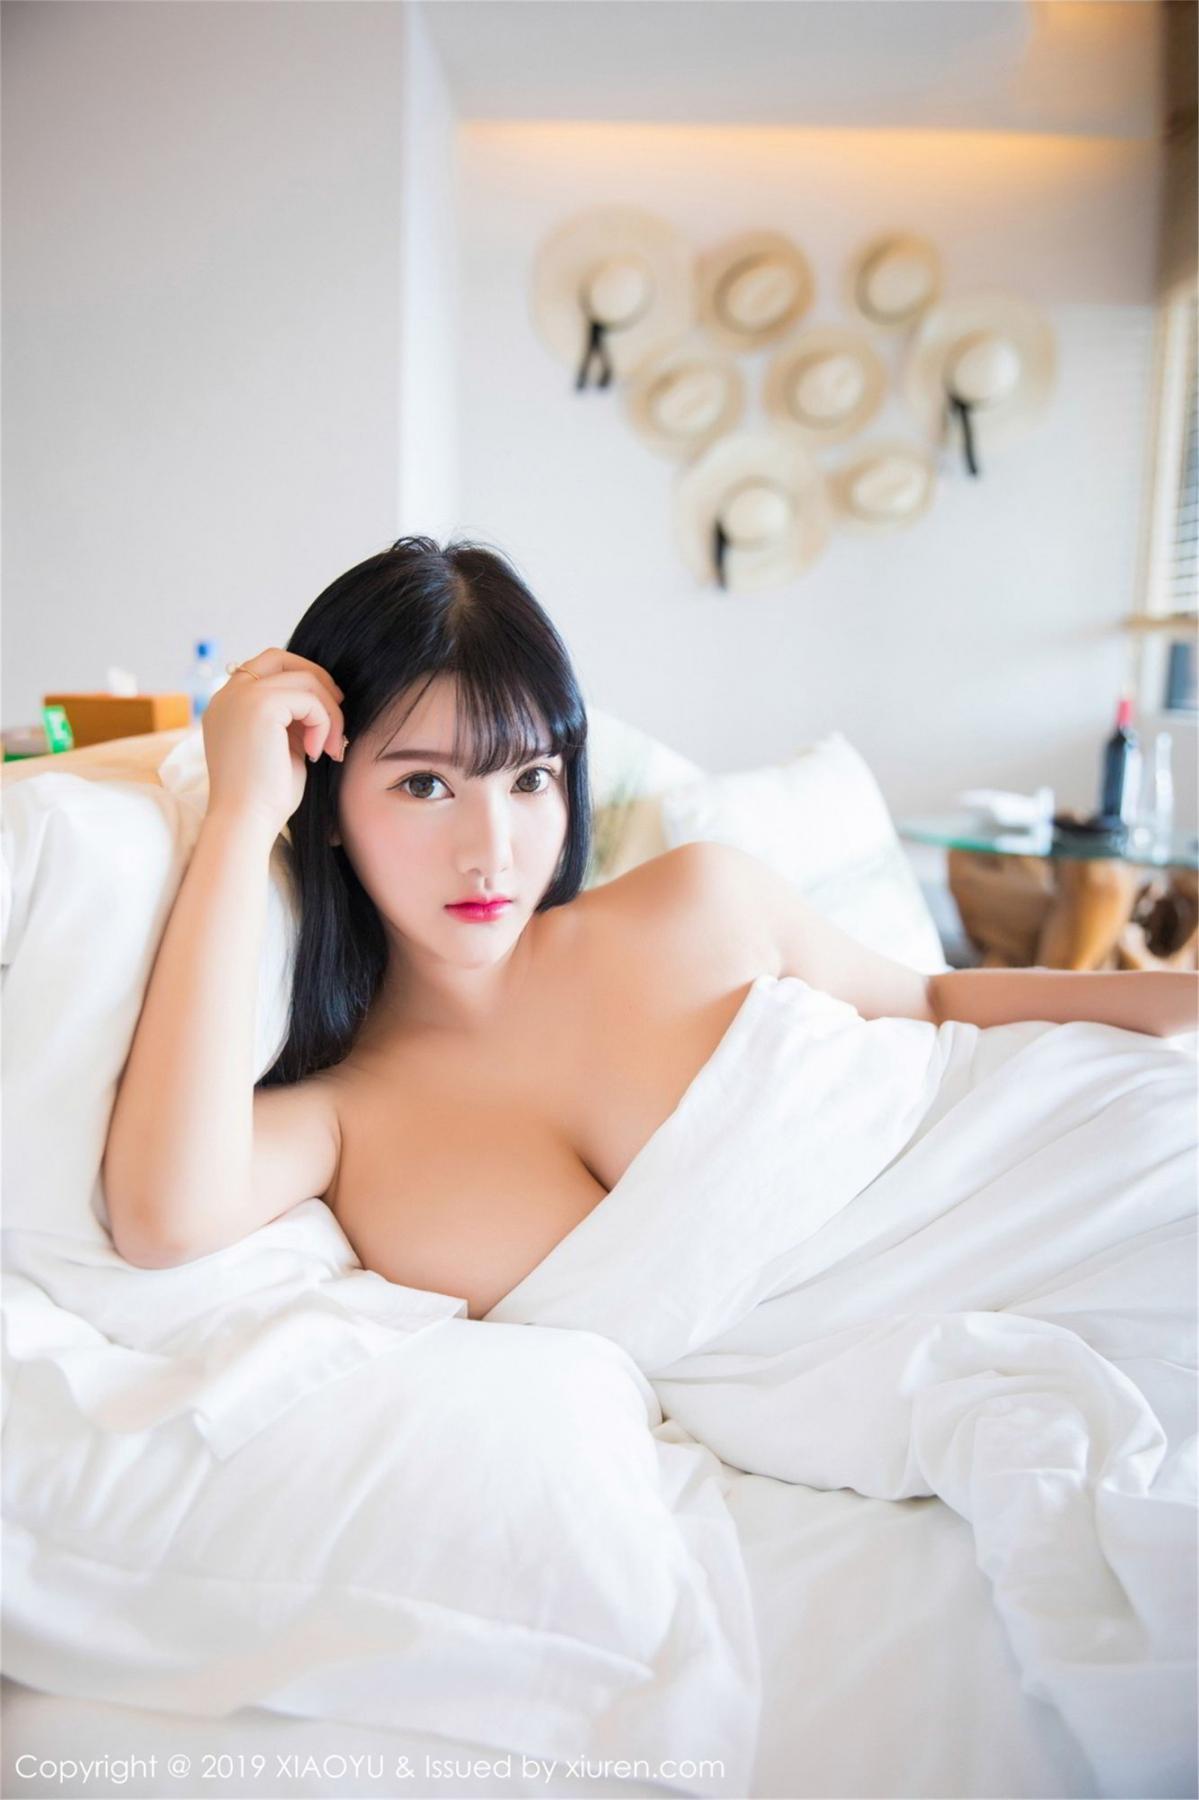 [XiaoYu] Vol.070 Lu Lu Xiao Miao 8P, Baby Face Big Boobs, Lovely, Lu Lu Xiao Miao, XiaoYu